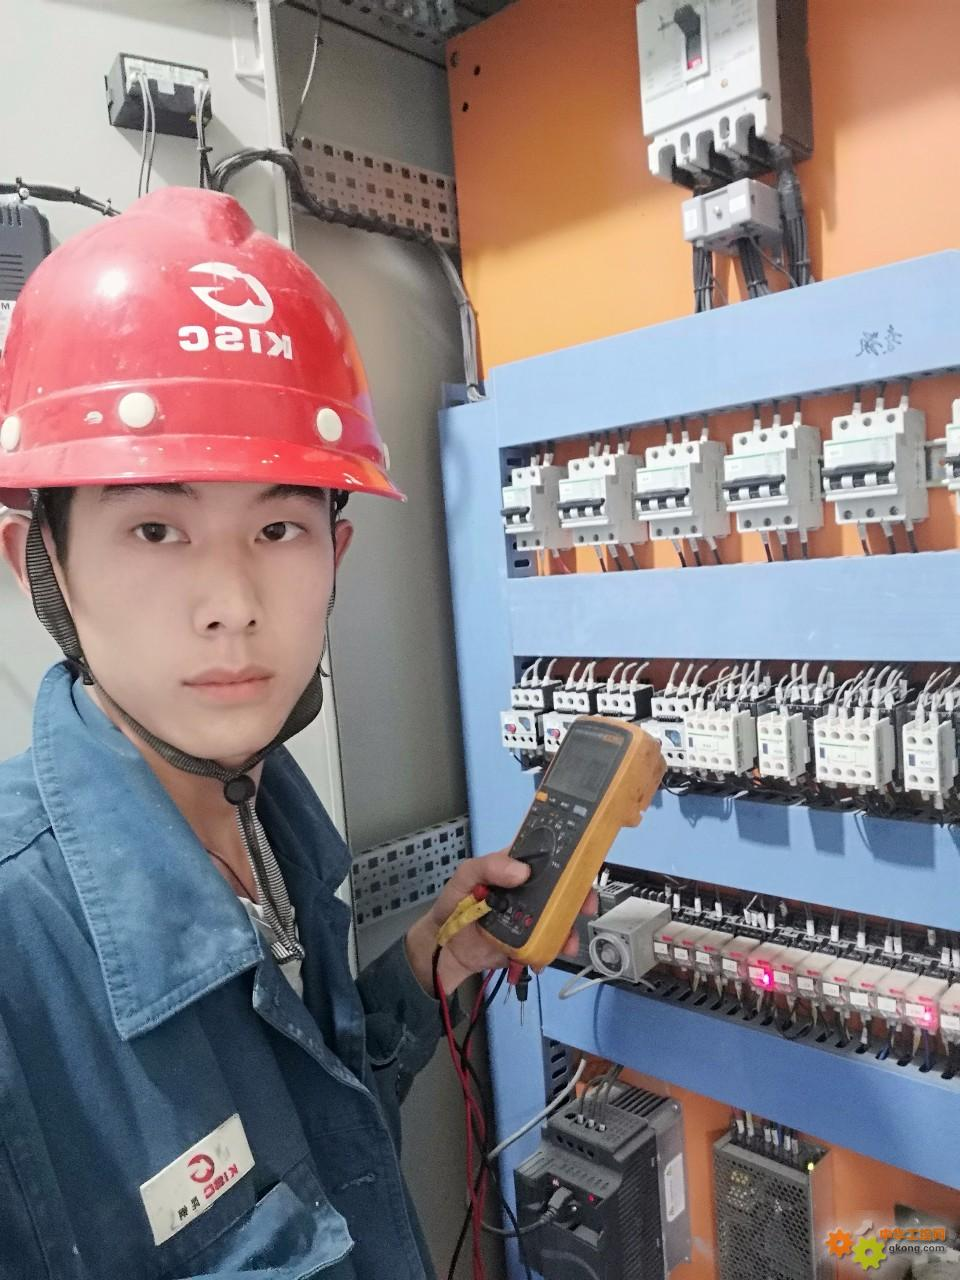 【福禄克POLO】19岁入职,福禄克五年的夕夕相伴,工作好帮手(�R?�Q)/